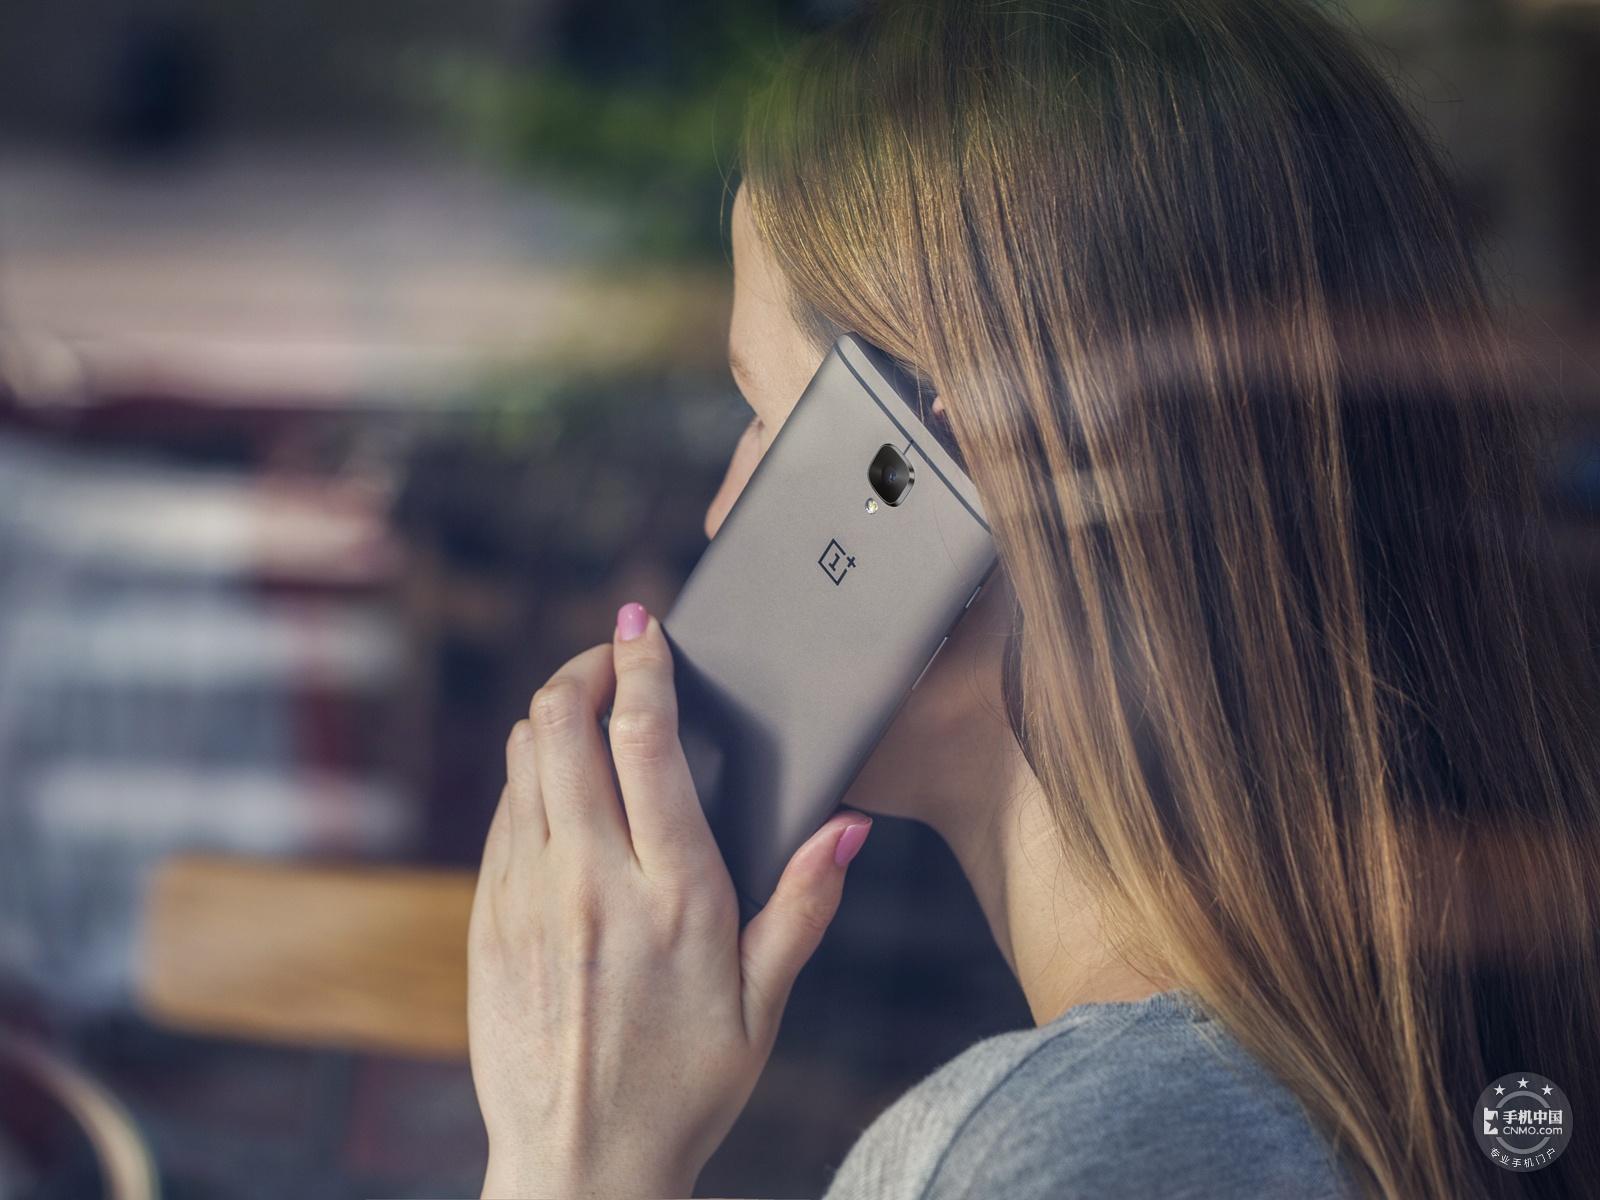 一加手机3T(64GB)时尚美图第2张